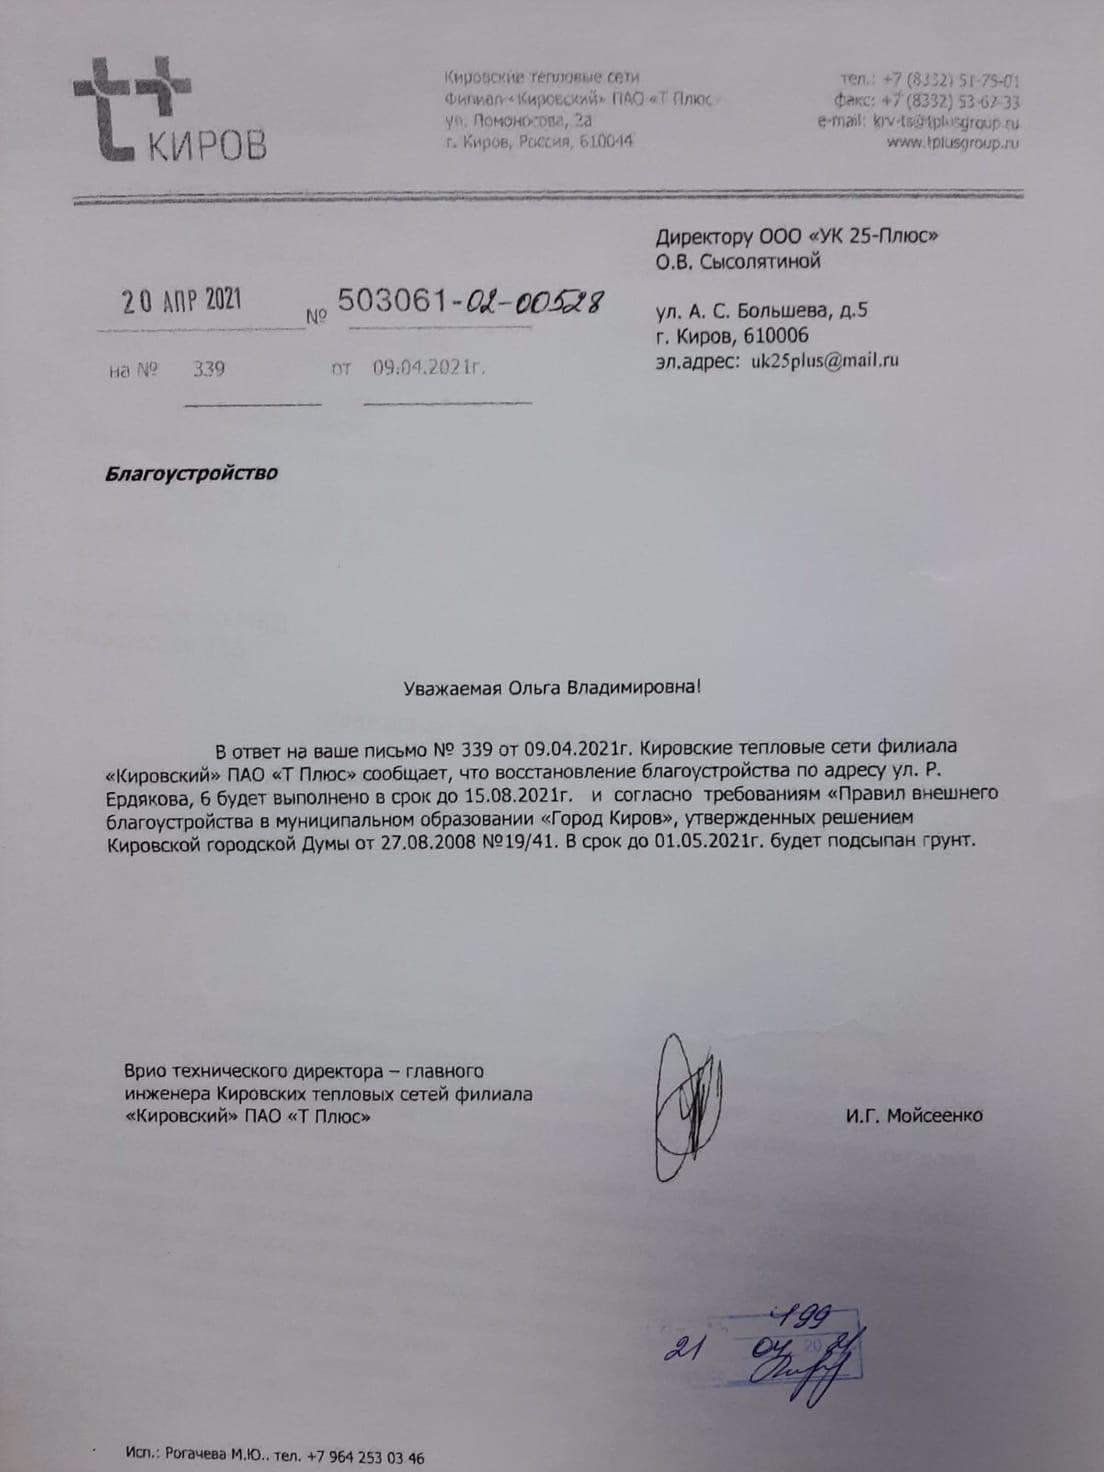 Информация для жителей улица Ердякова дом 6